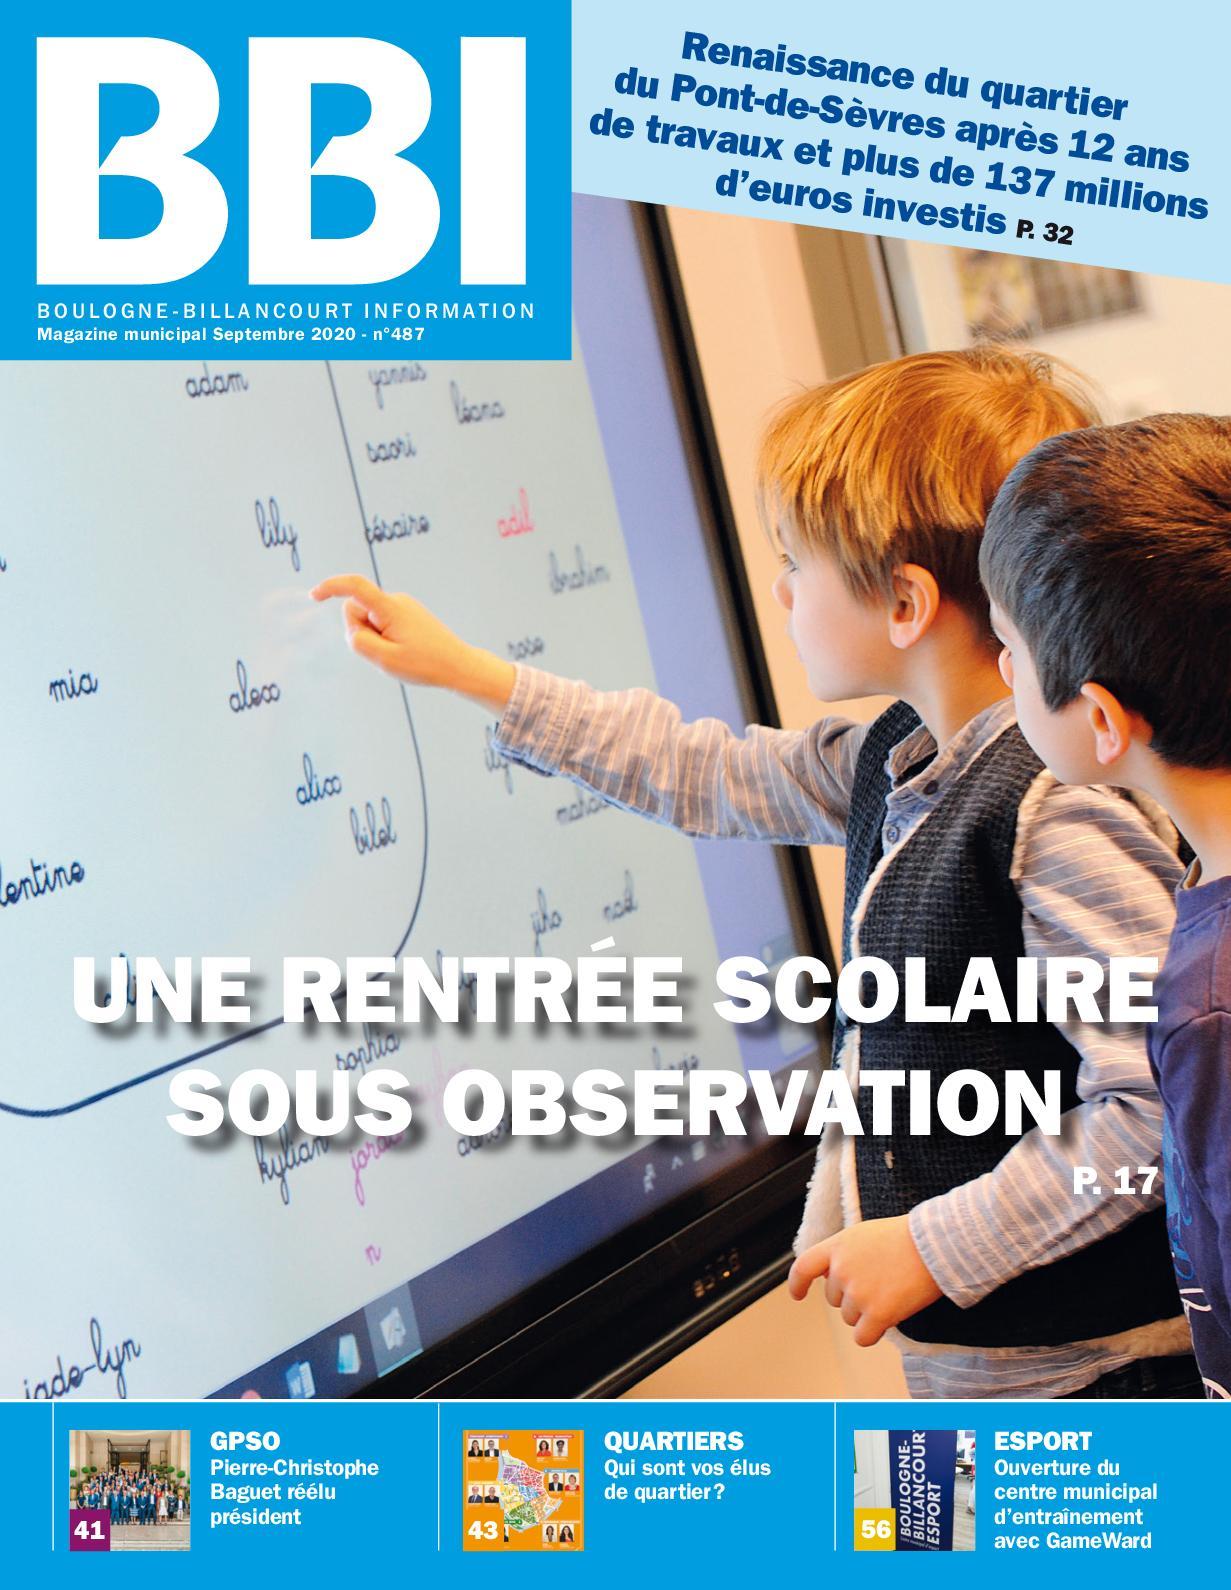 Rencontre Boulogne-billancourt - Rendez-vous entre Boulonnais et Boulonnaises seuls du 92